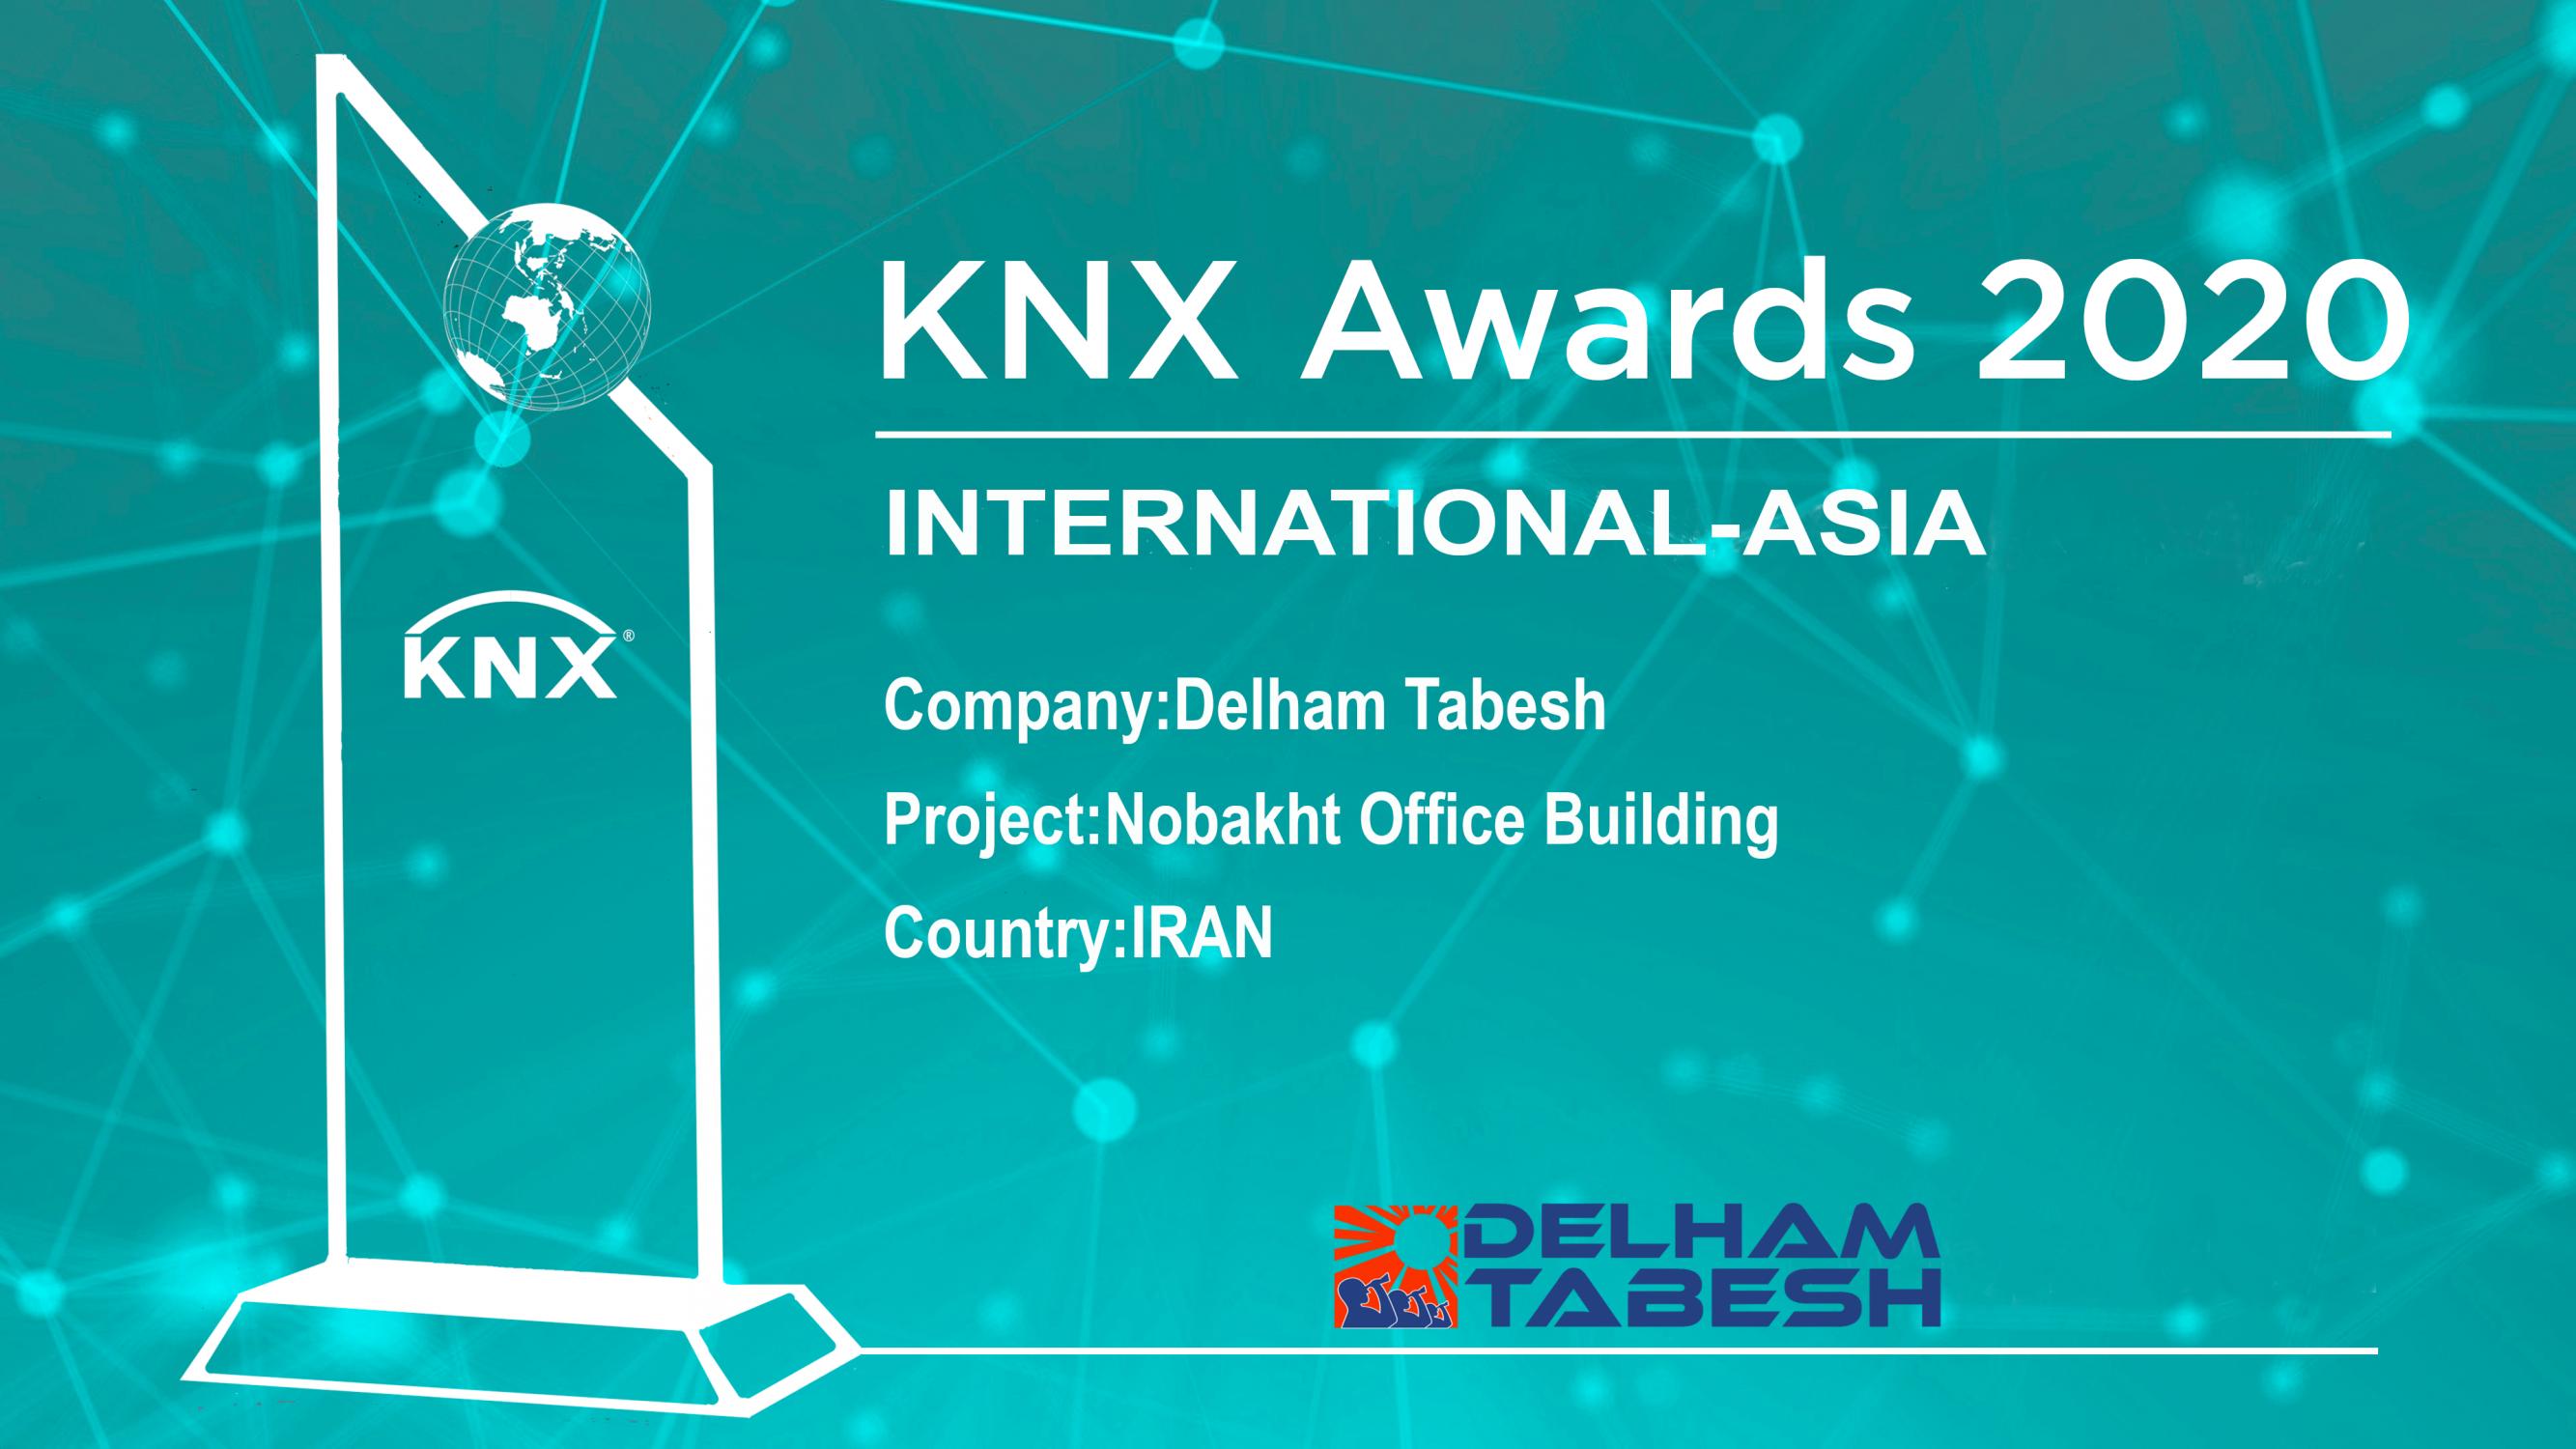 خانه هوشمند خانه هوشمند KNX Award 2020 1 e1602490609297